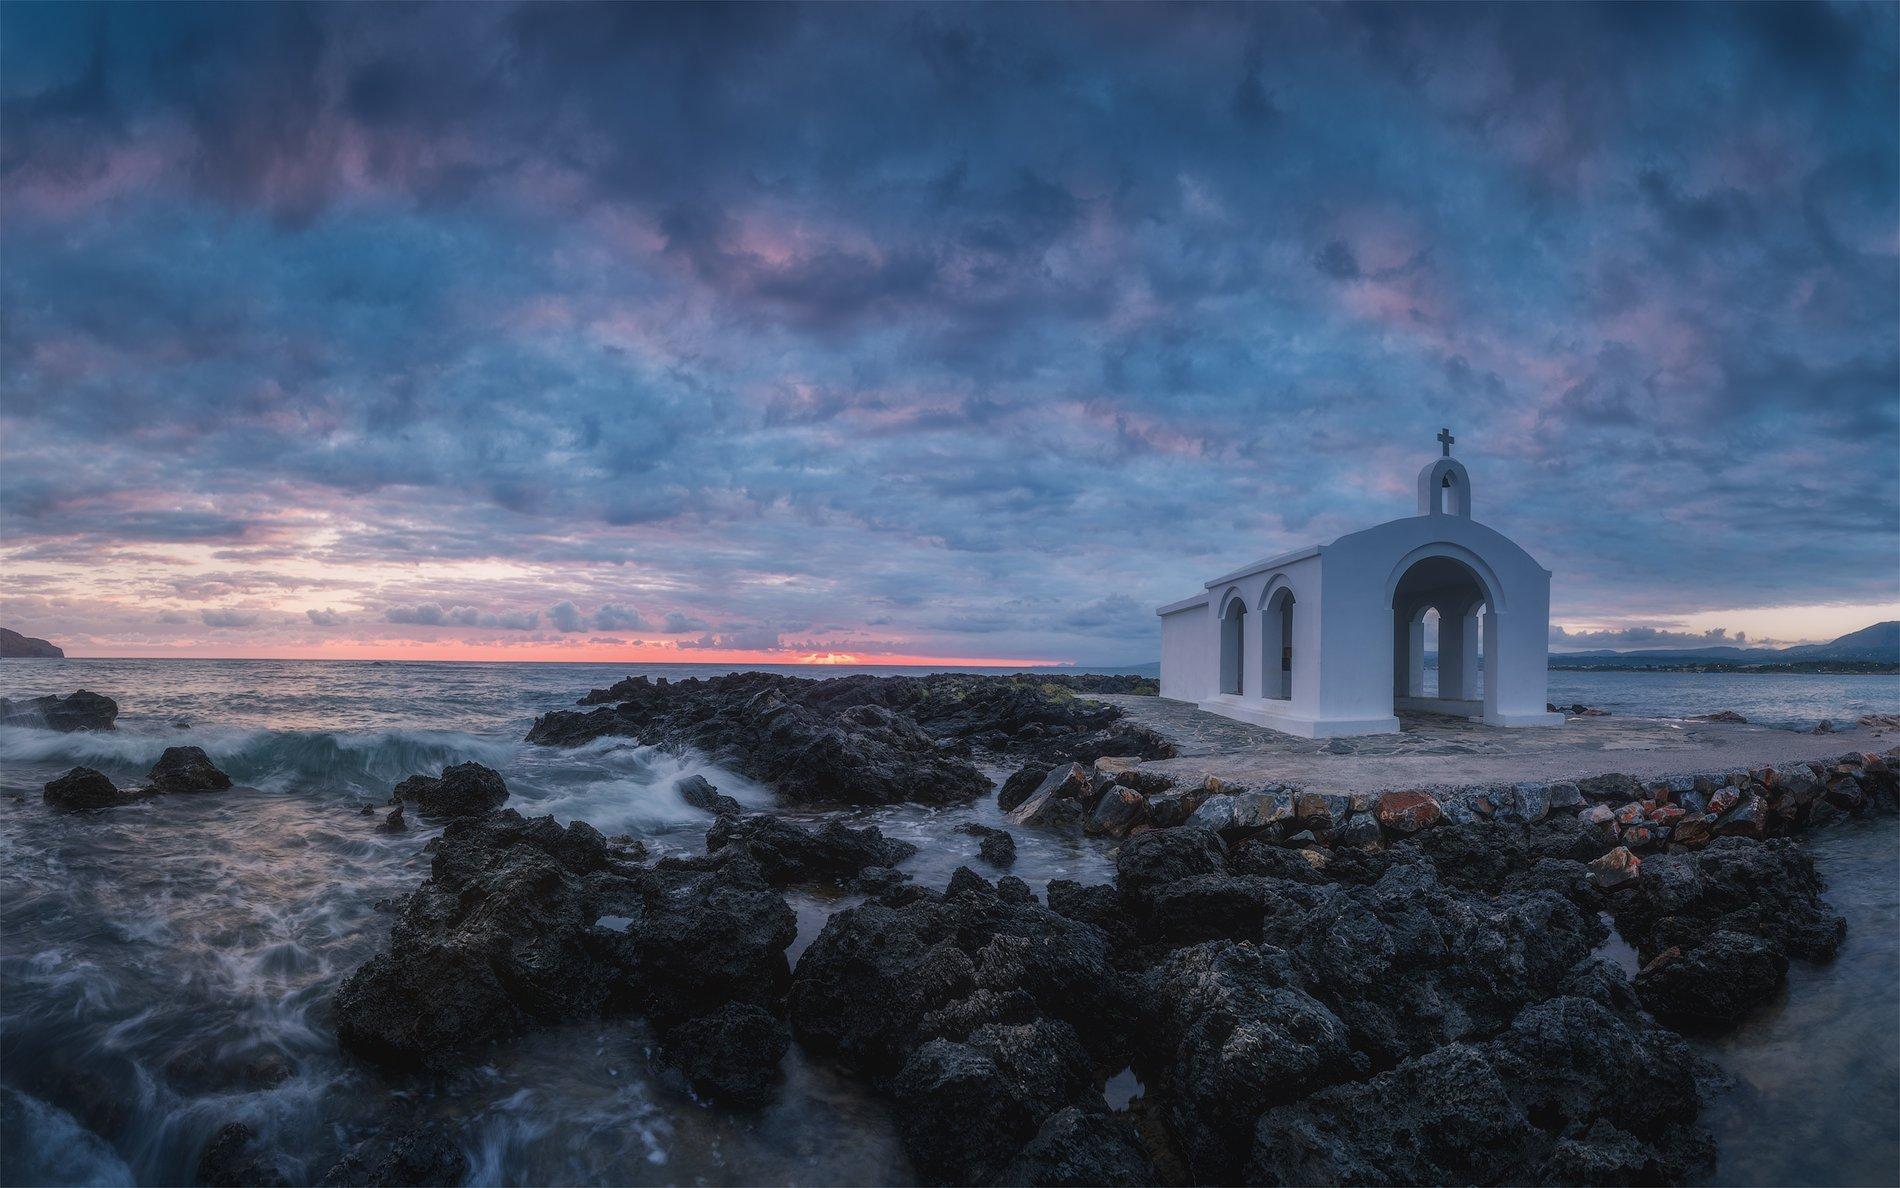 греция, крит, рассвет, море, церковь, Левыкин Виталий